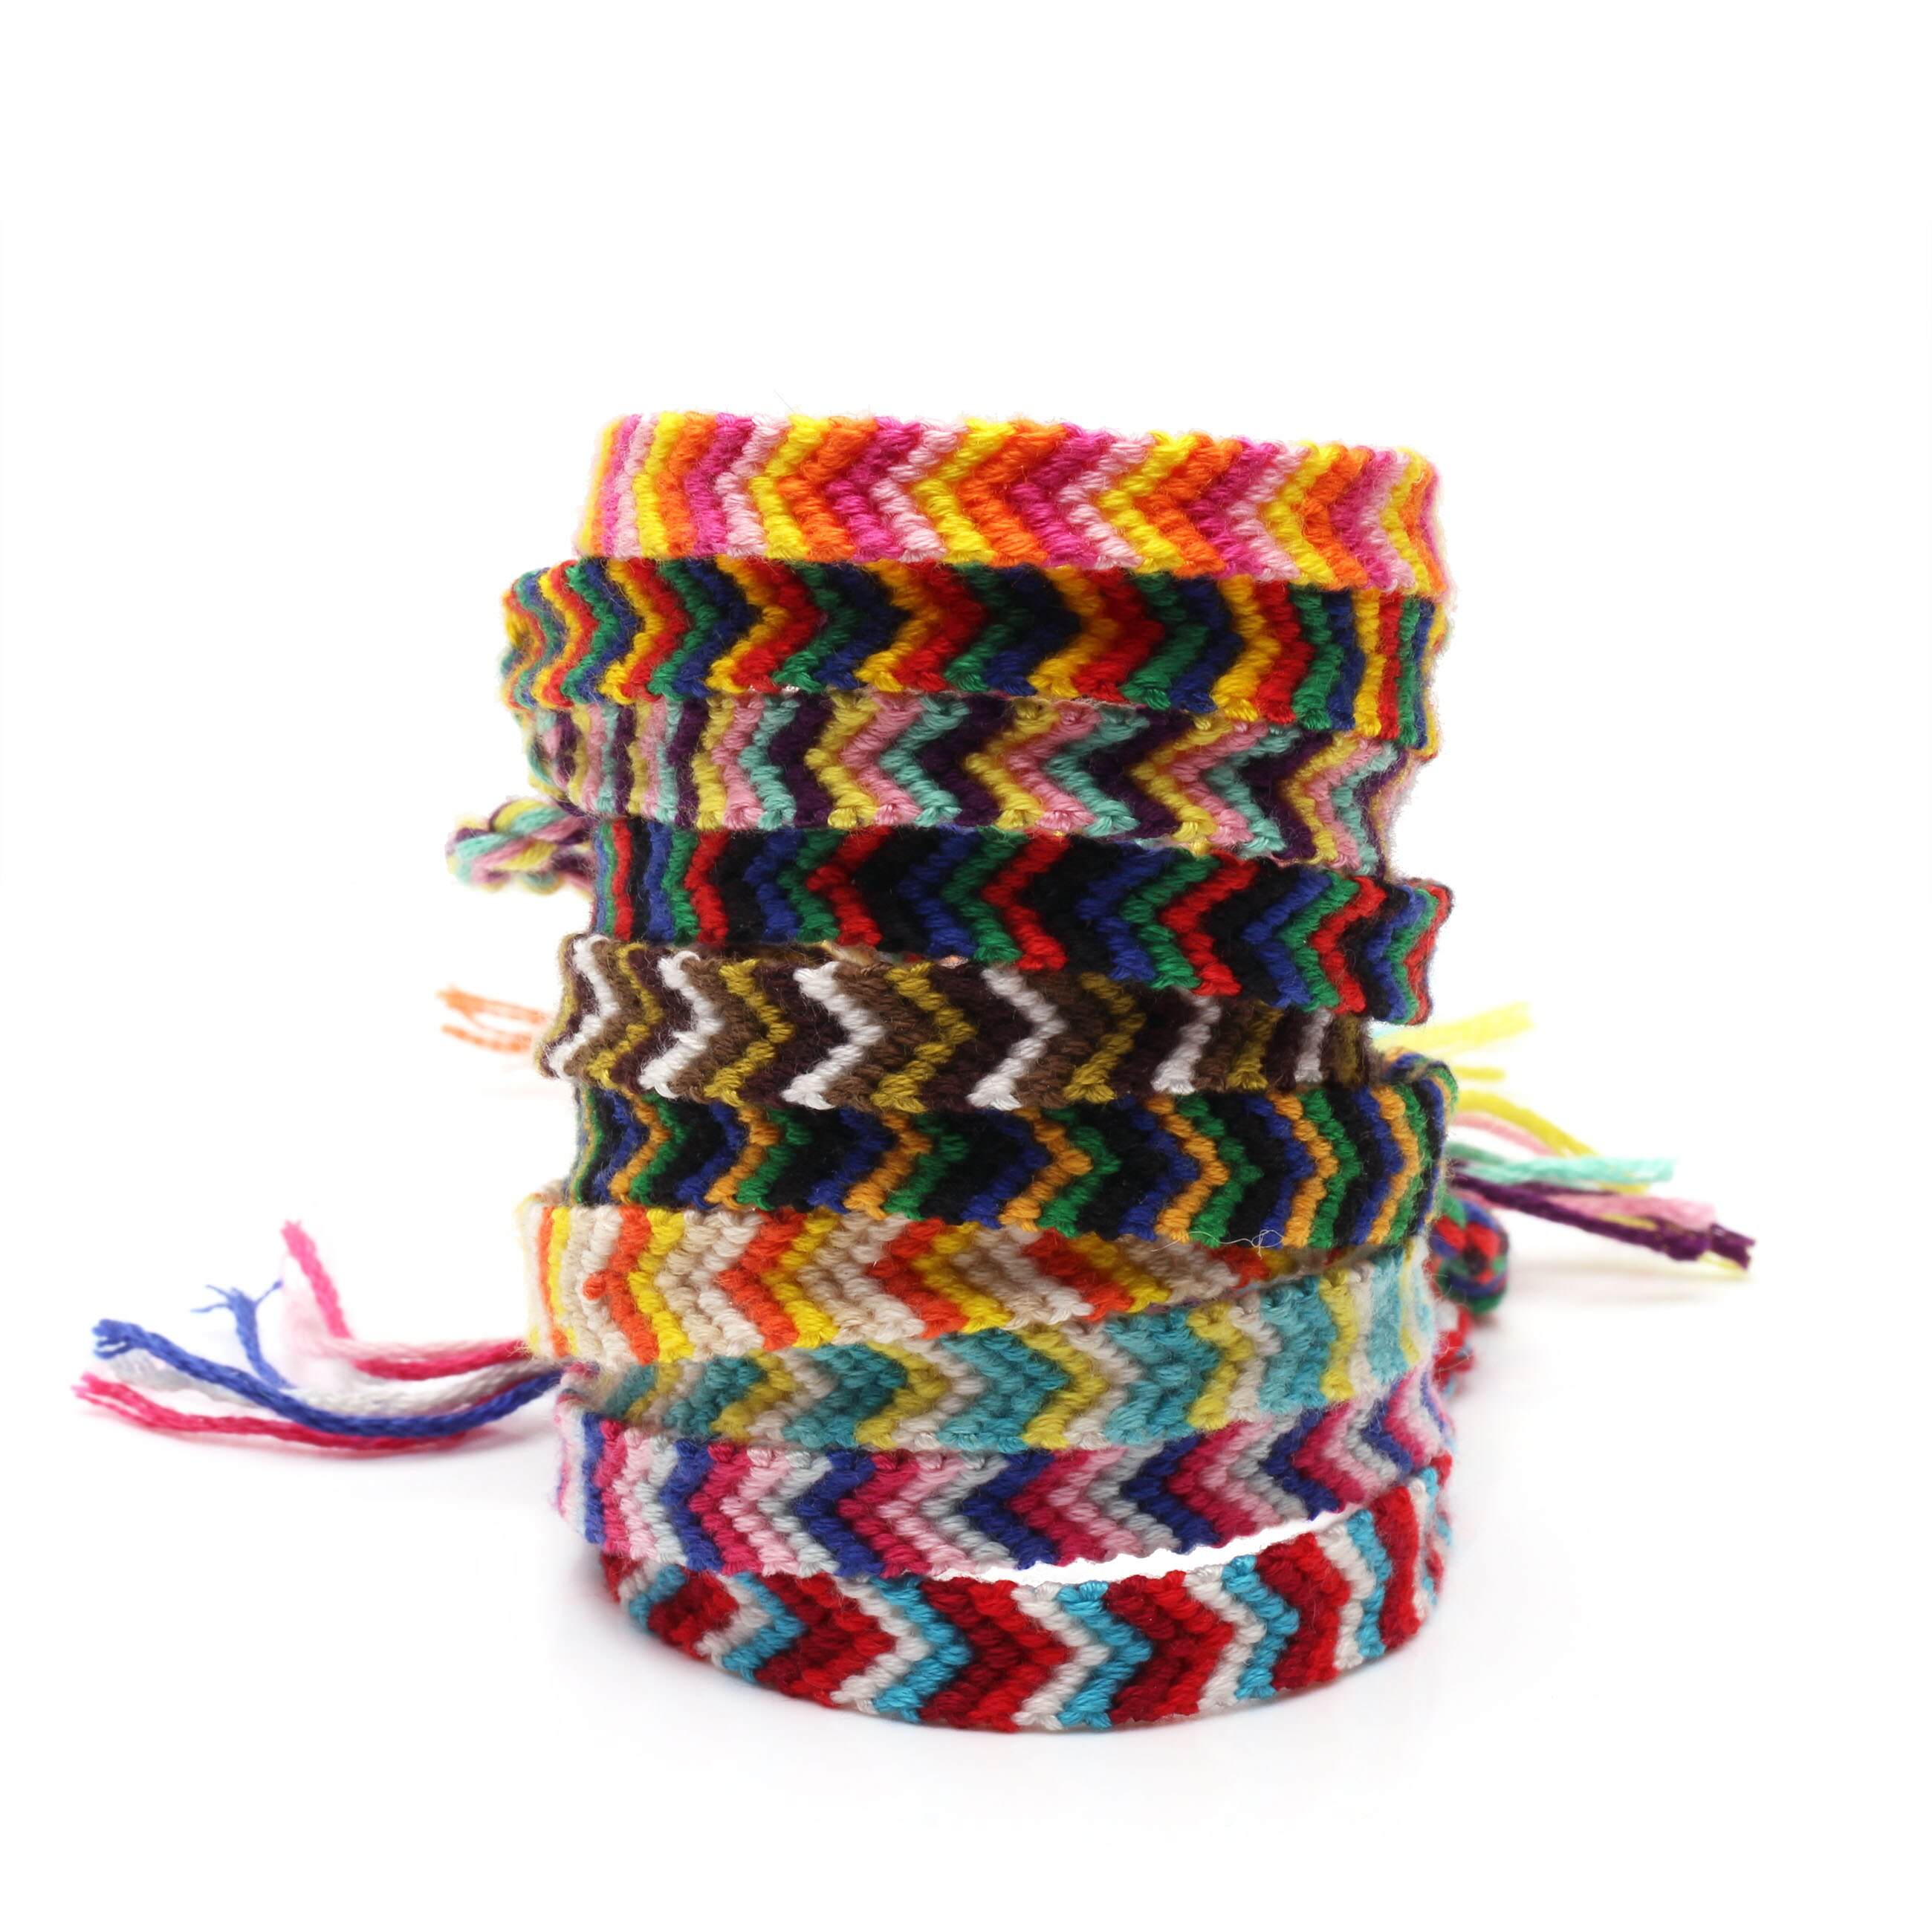 Boho multicolor bordado cadena macramé Chevron pulseras de la Amistad mujeres hombres chico Hippie joyas trenzadas clásicas presente